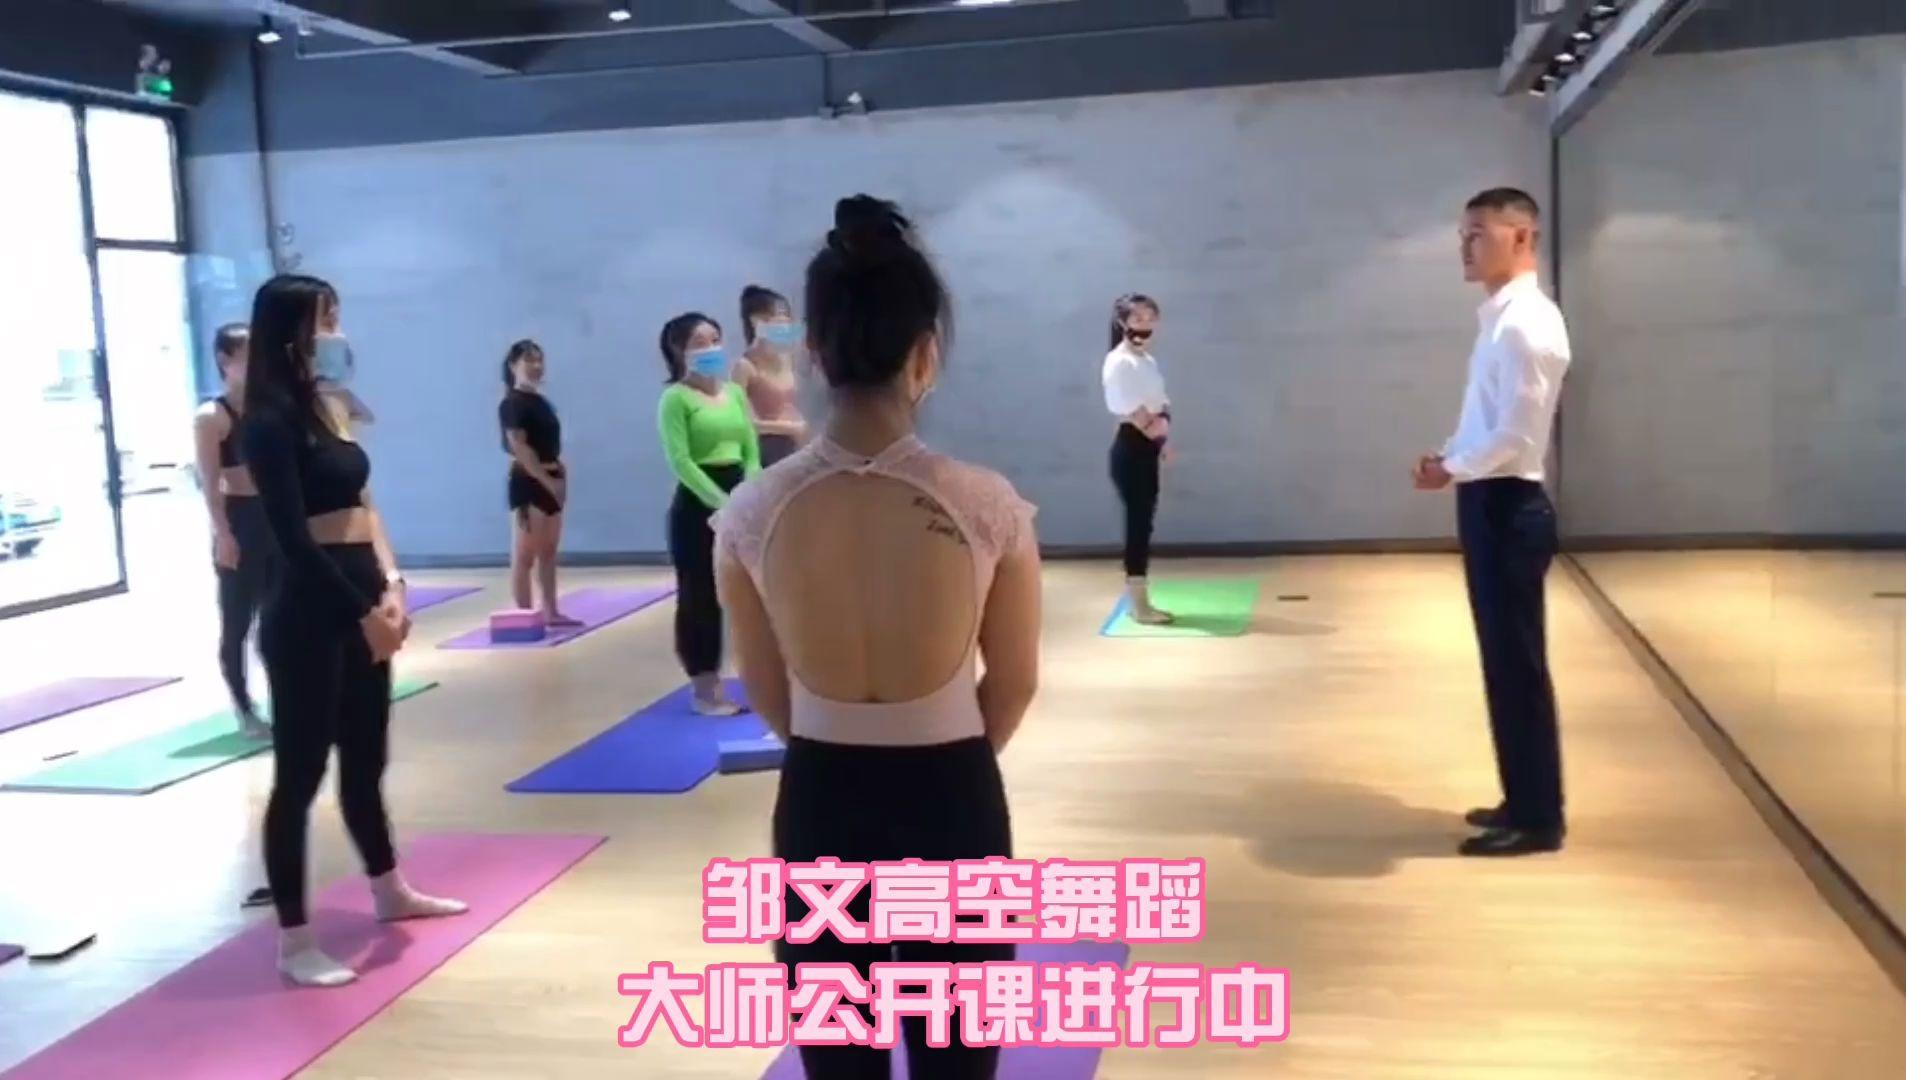 邹文舞蹈 大师公开课  空中舞蹈教学